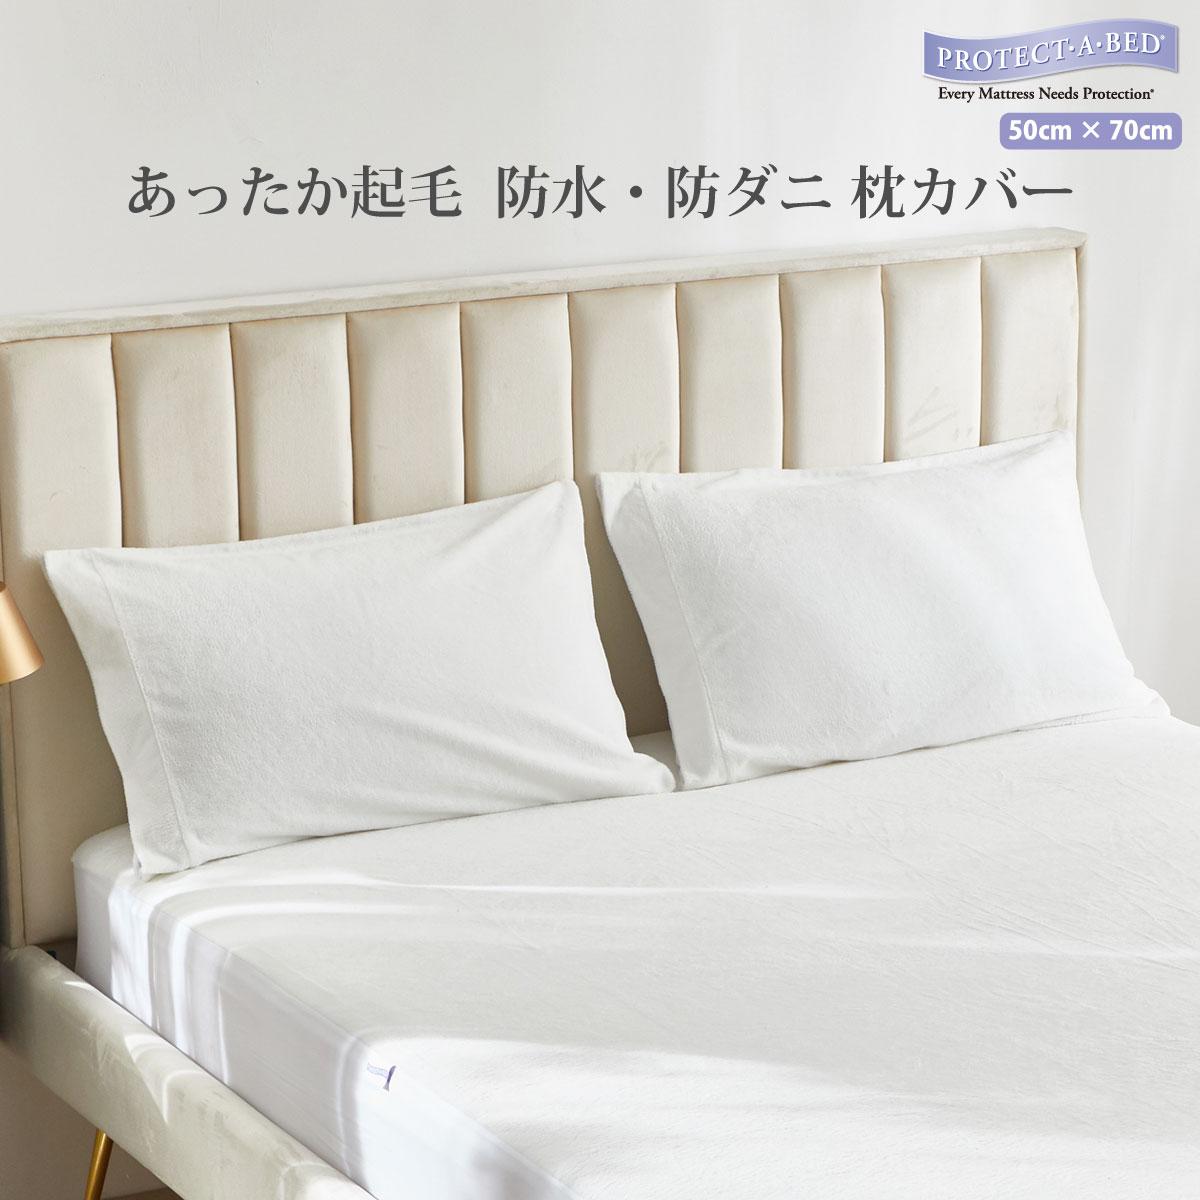 【大感謝祭 エントリーでポイント10倍】Protect-A-Bed (プロテクト・ア・ベッド)枕カバー ピロープロテクター・プラッシュ [50x70cm]2枚組